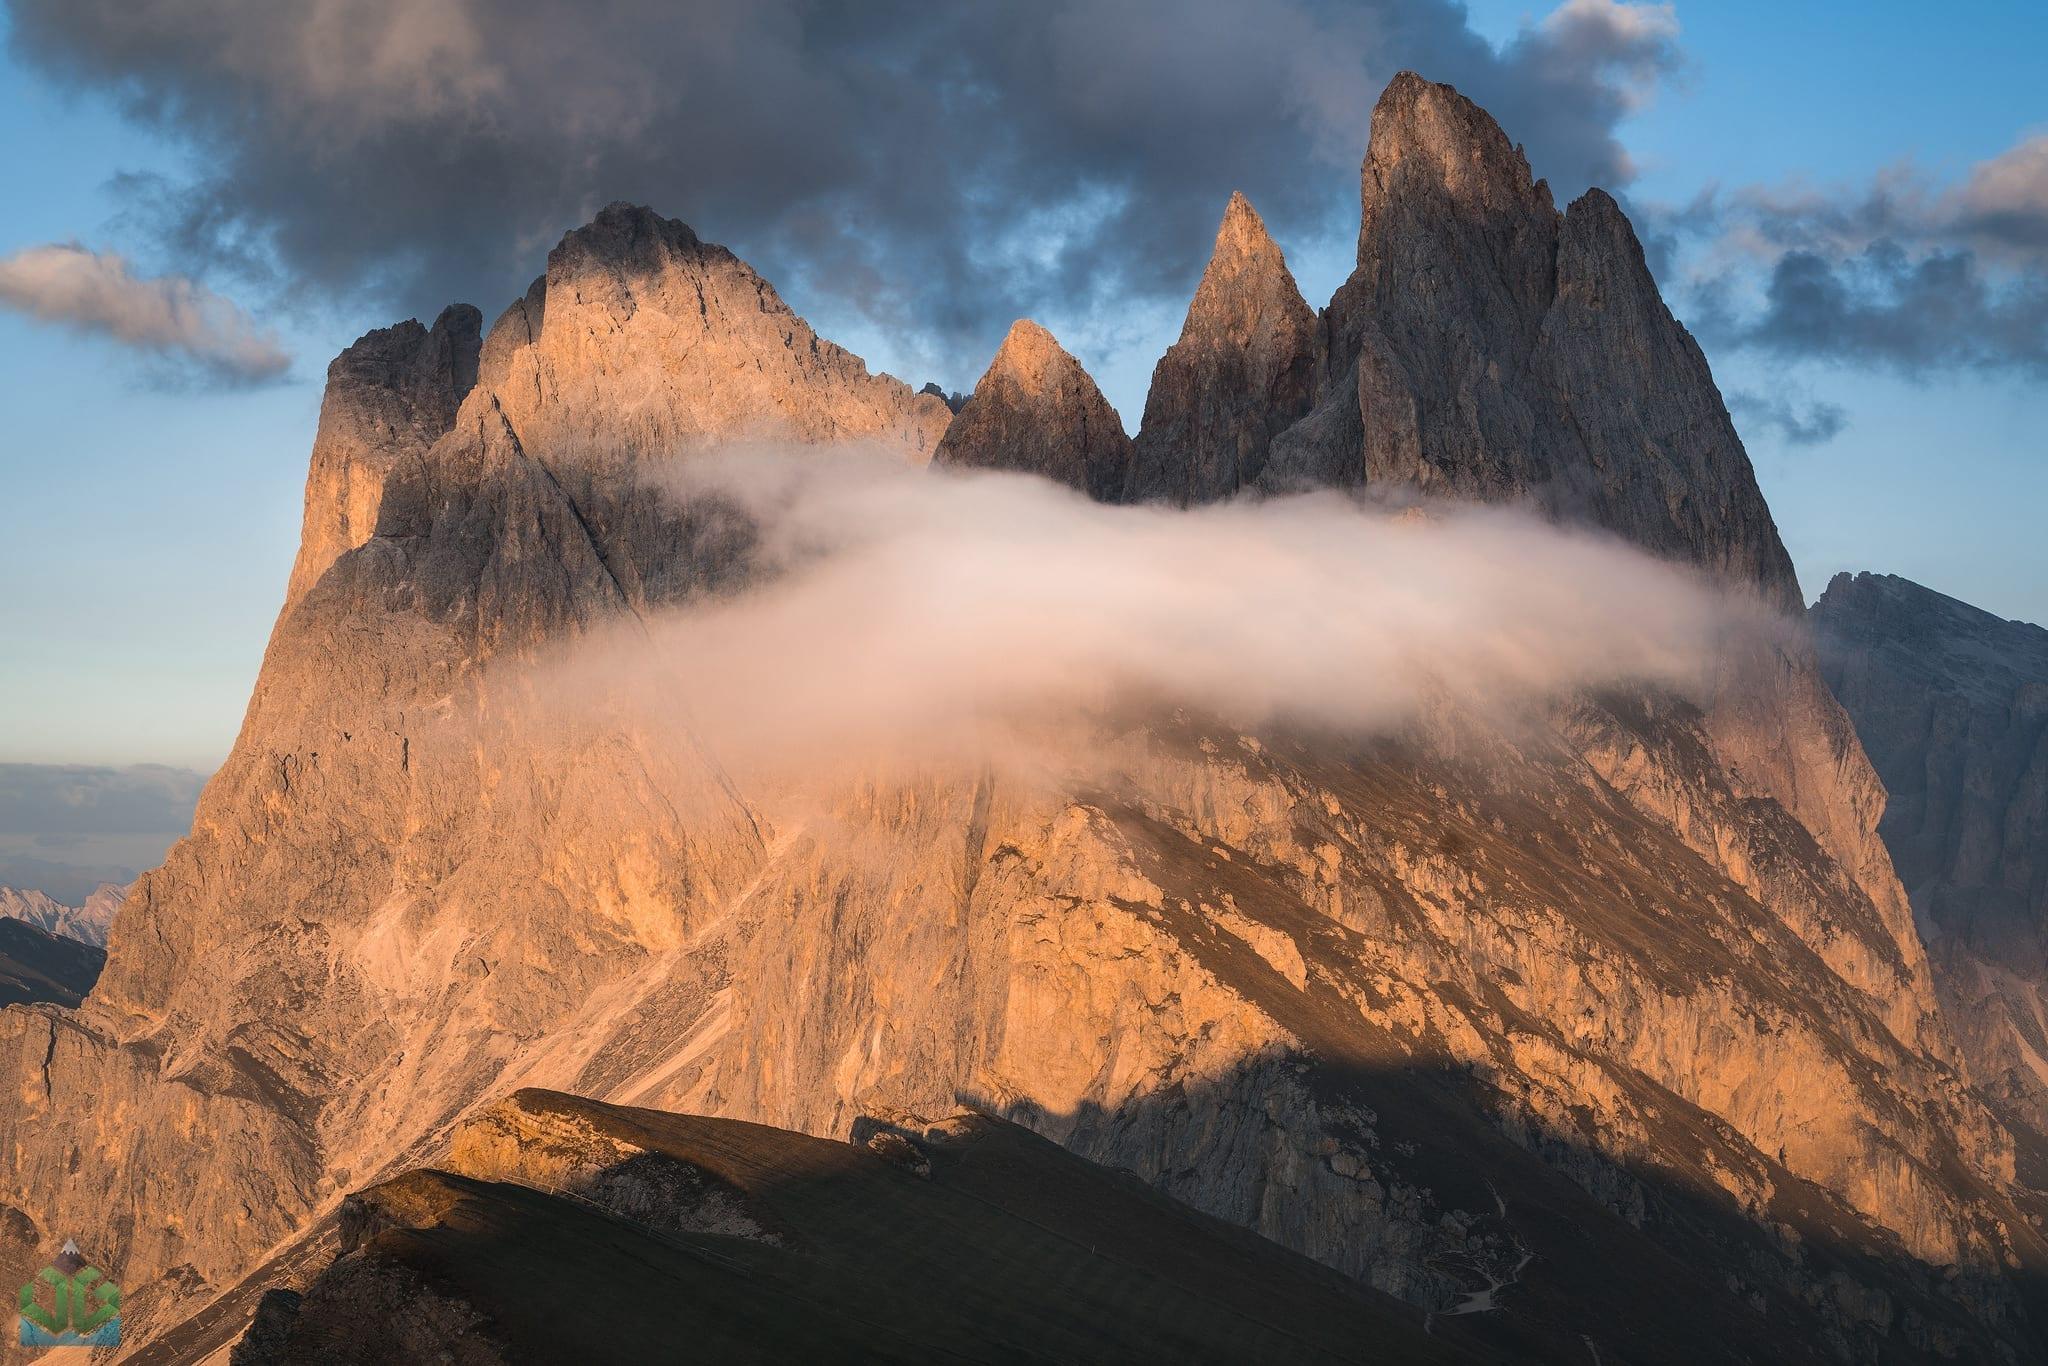 Seceda Sunset - Italian Dolomites Landscape Photography